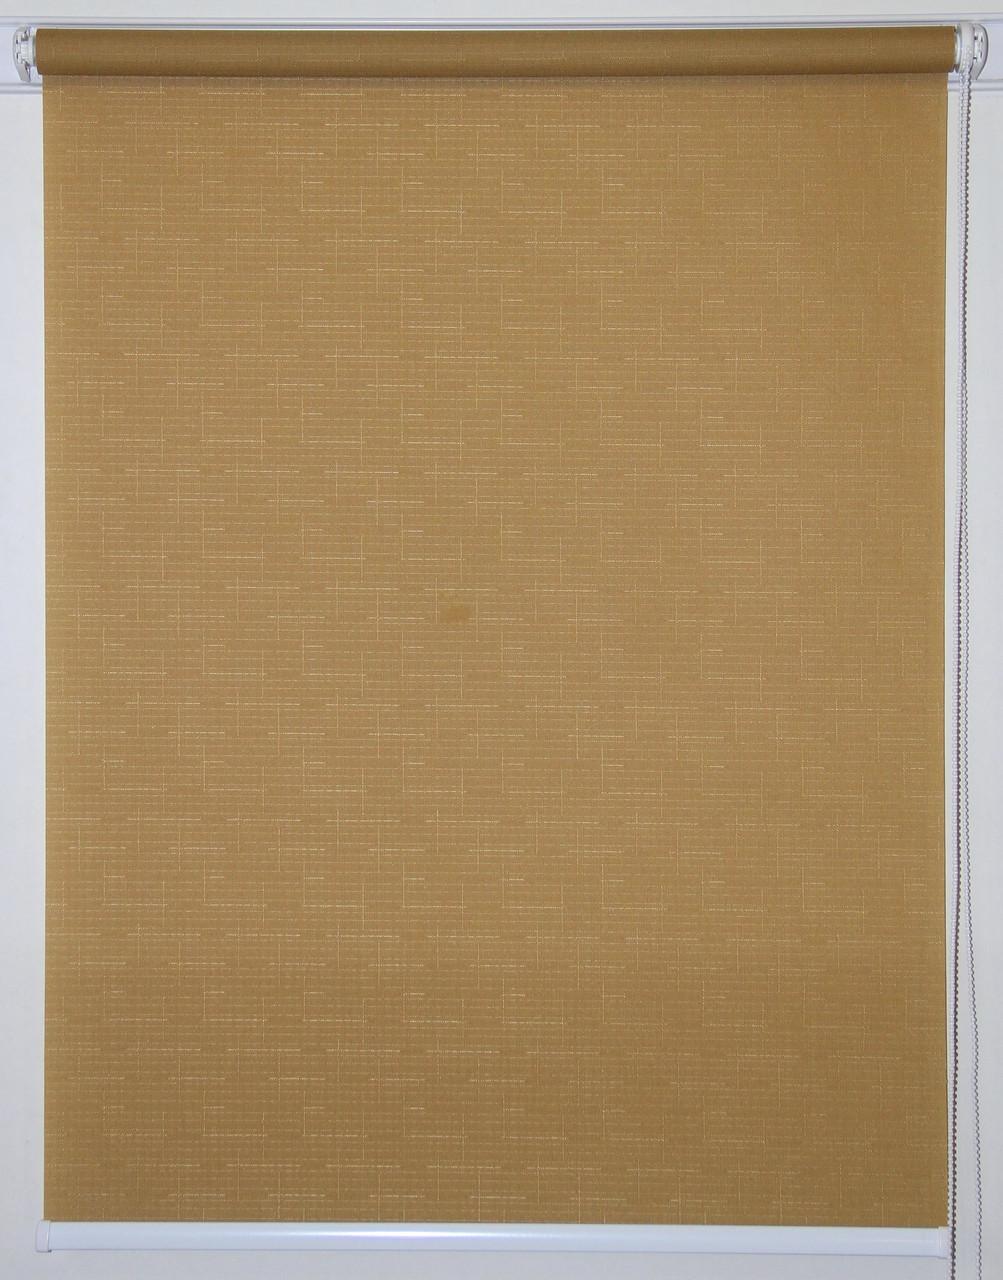 Рулонная штора 800*1500 Ткань Лён 632 Коричневый